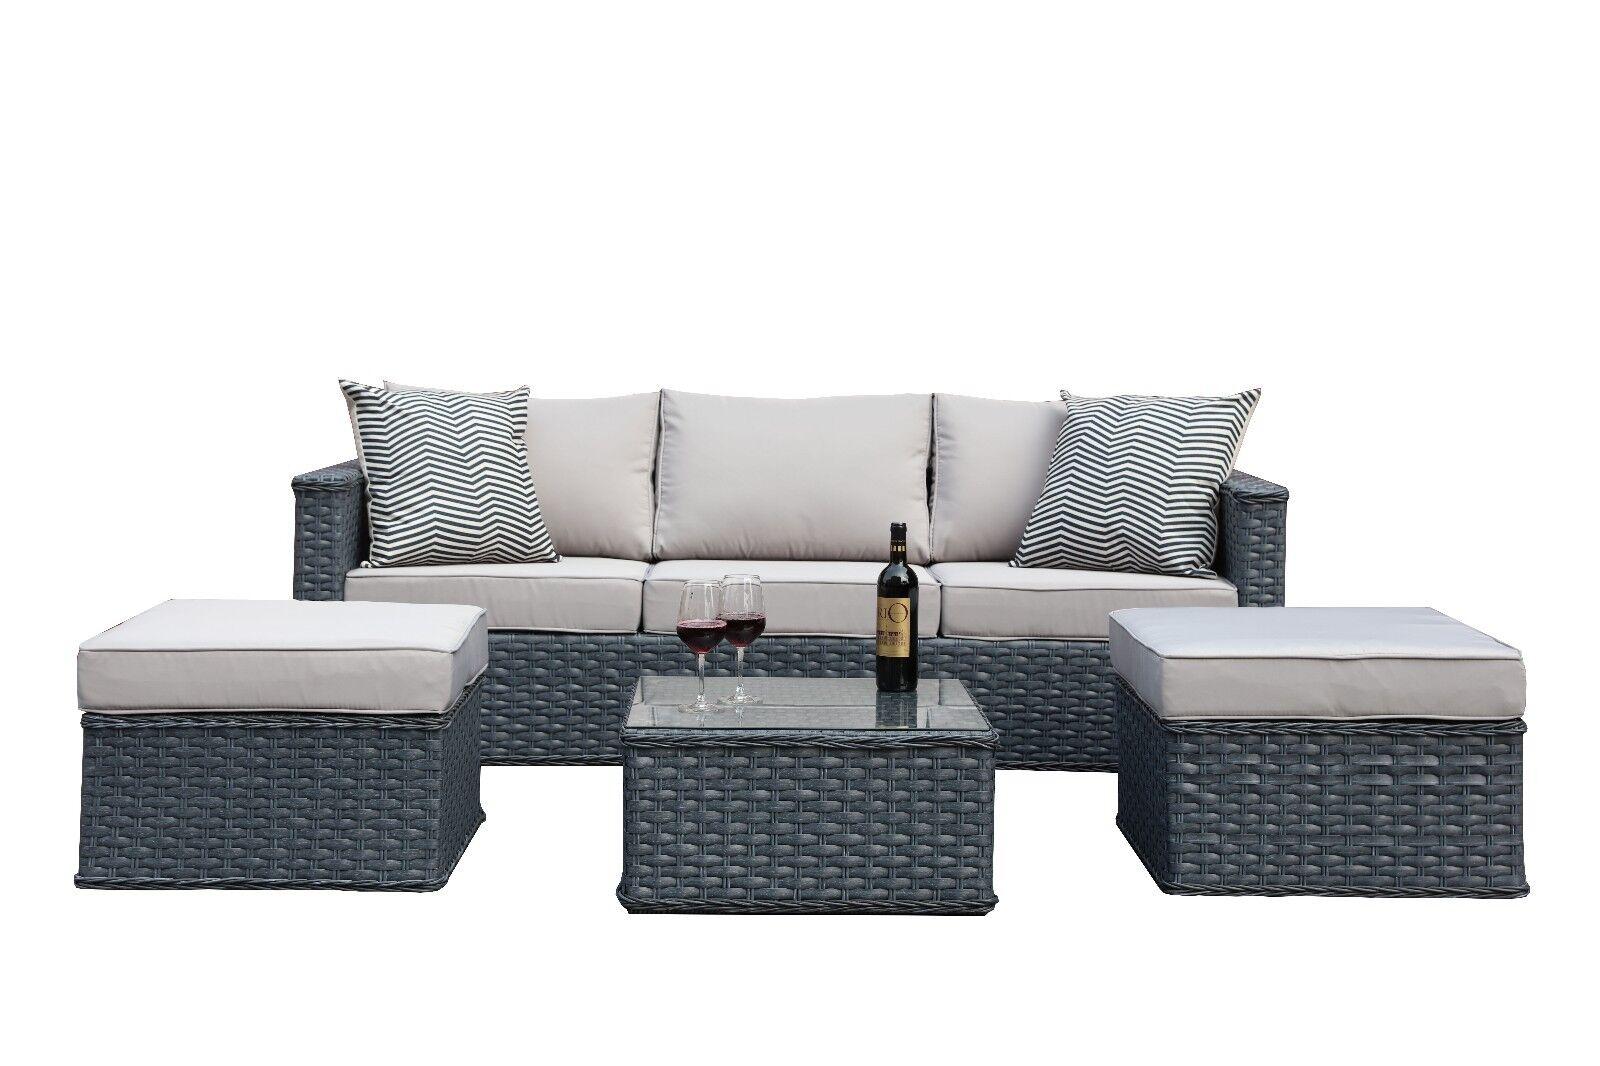 Polyrattan Gartenmöbel Lounge Tisch Sitzgruppe Rattan